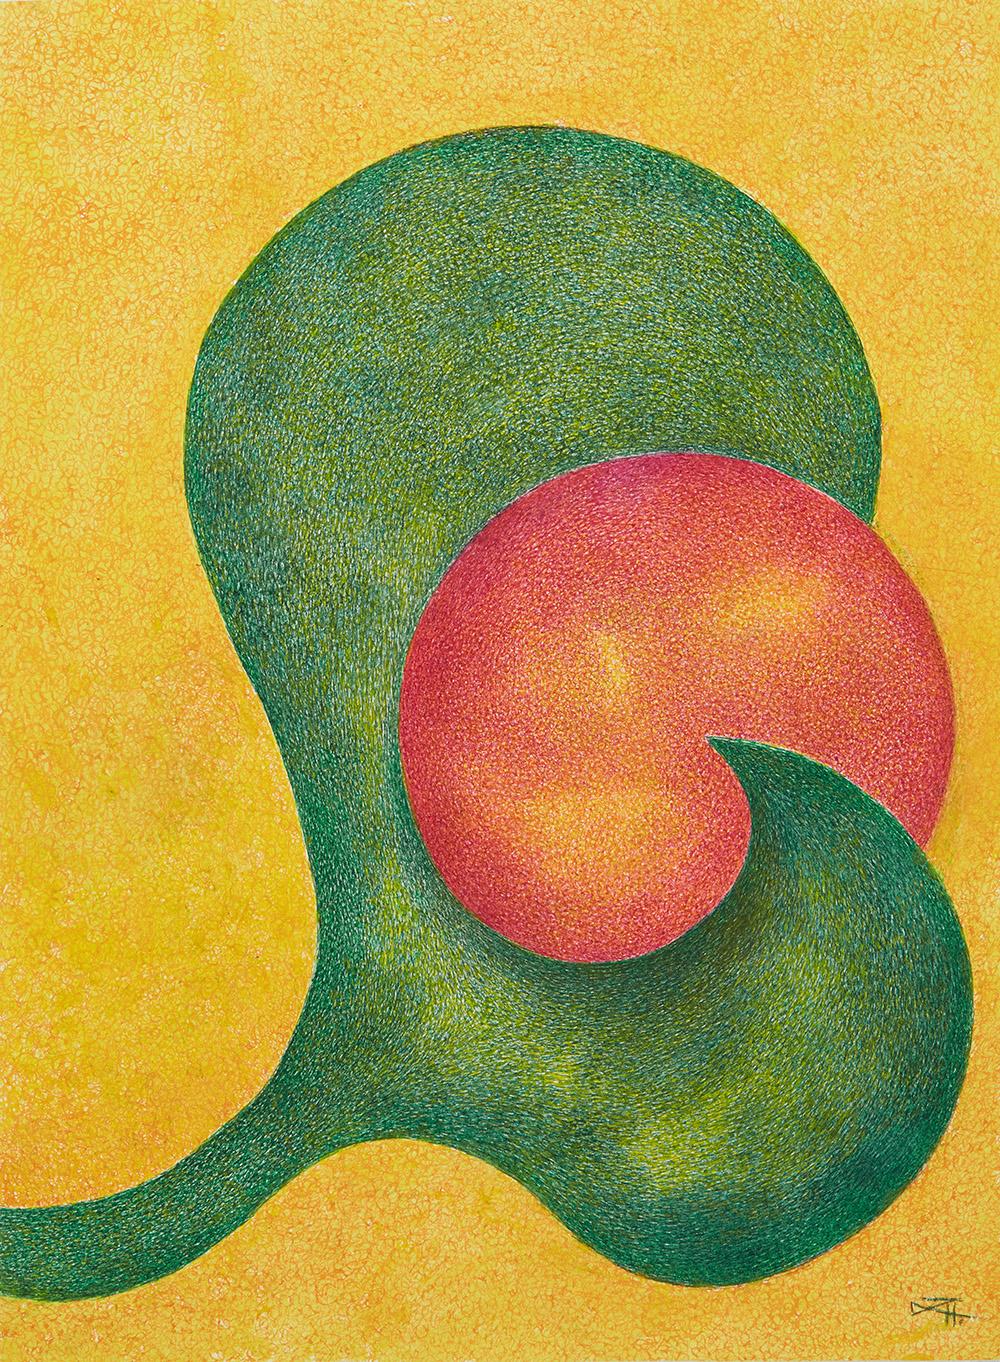 Henriette Zéphir  Untitled  , 2008 Watercolor, ink on paper 15 x 11 inches 38.1 x 27.9 cm HZe 11